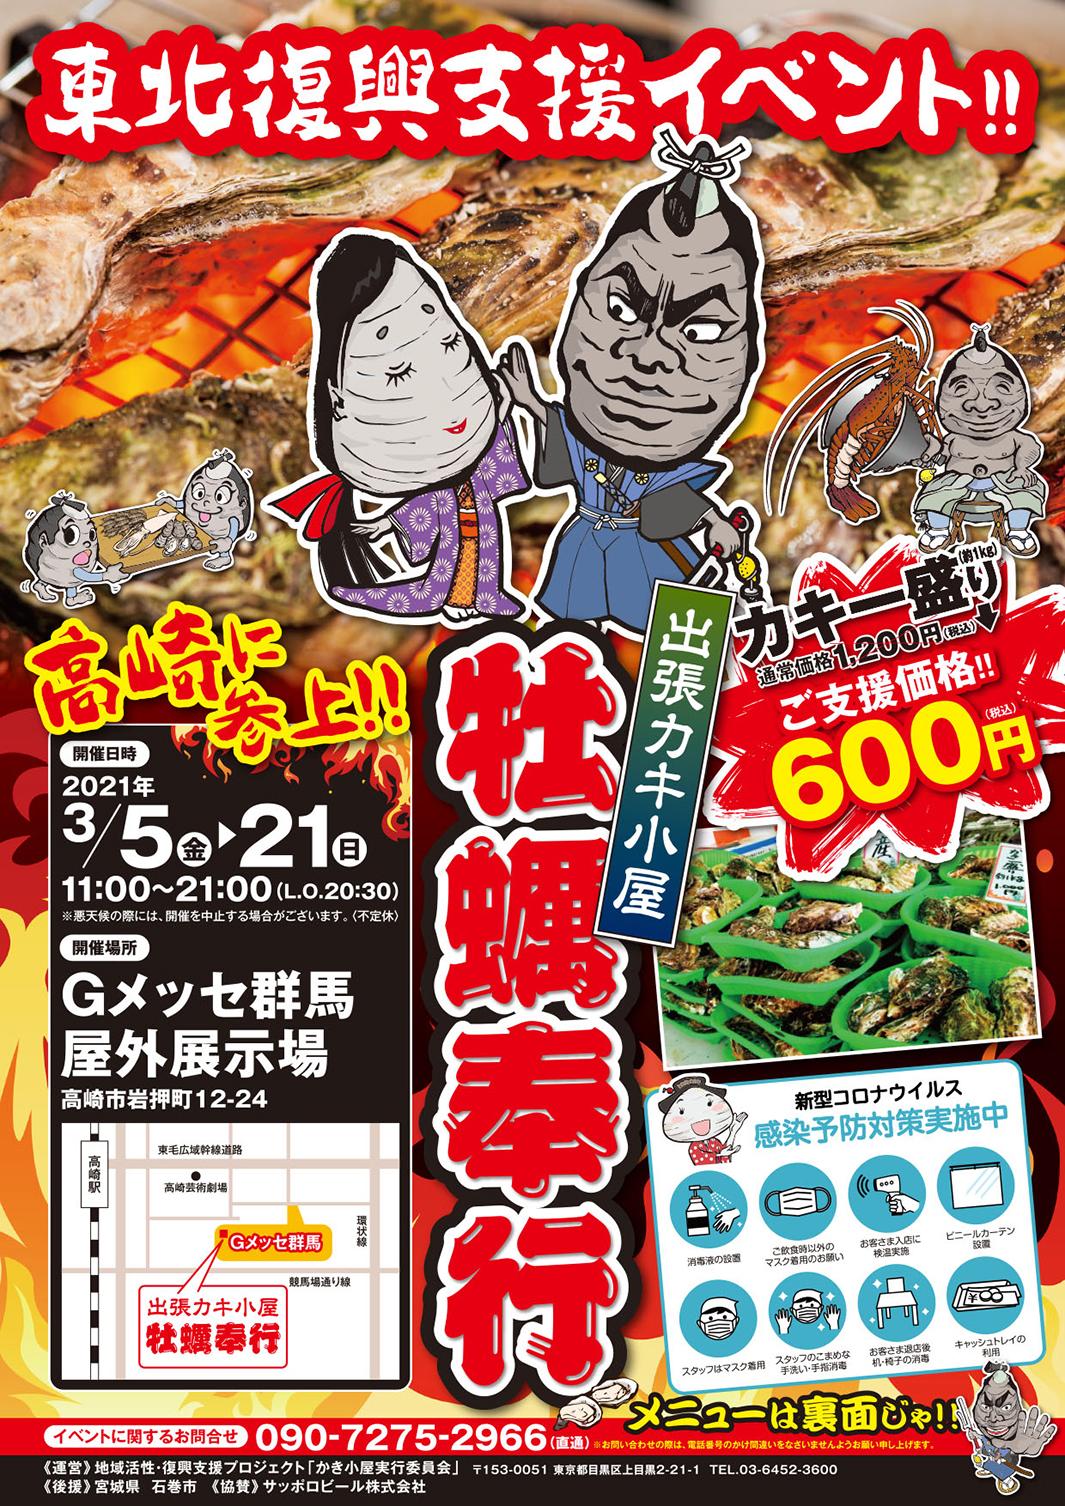 出張カキ小屋「牡蠣奉行」 in Gメッセ群馬 屋外展示場 チラシ表面